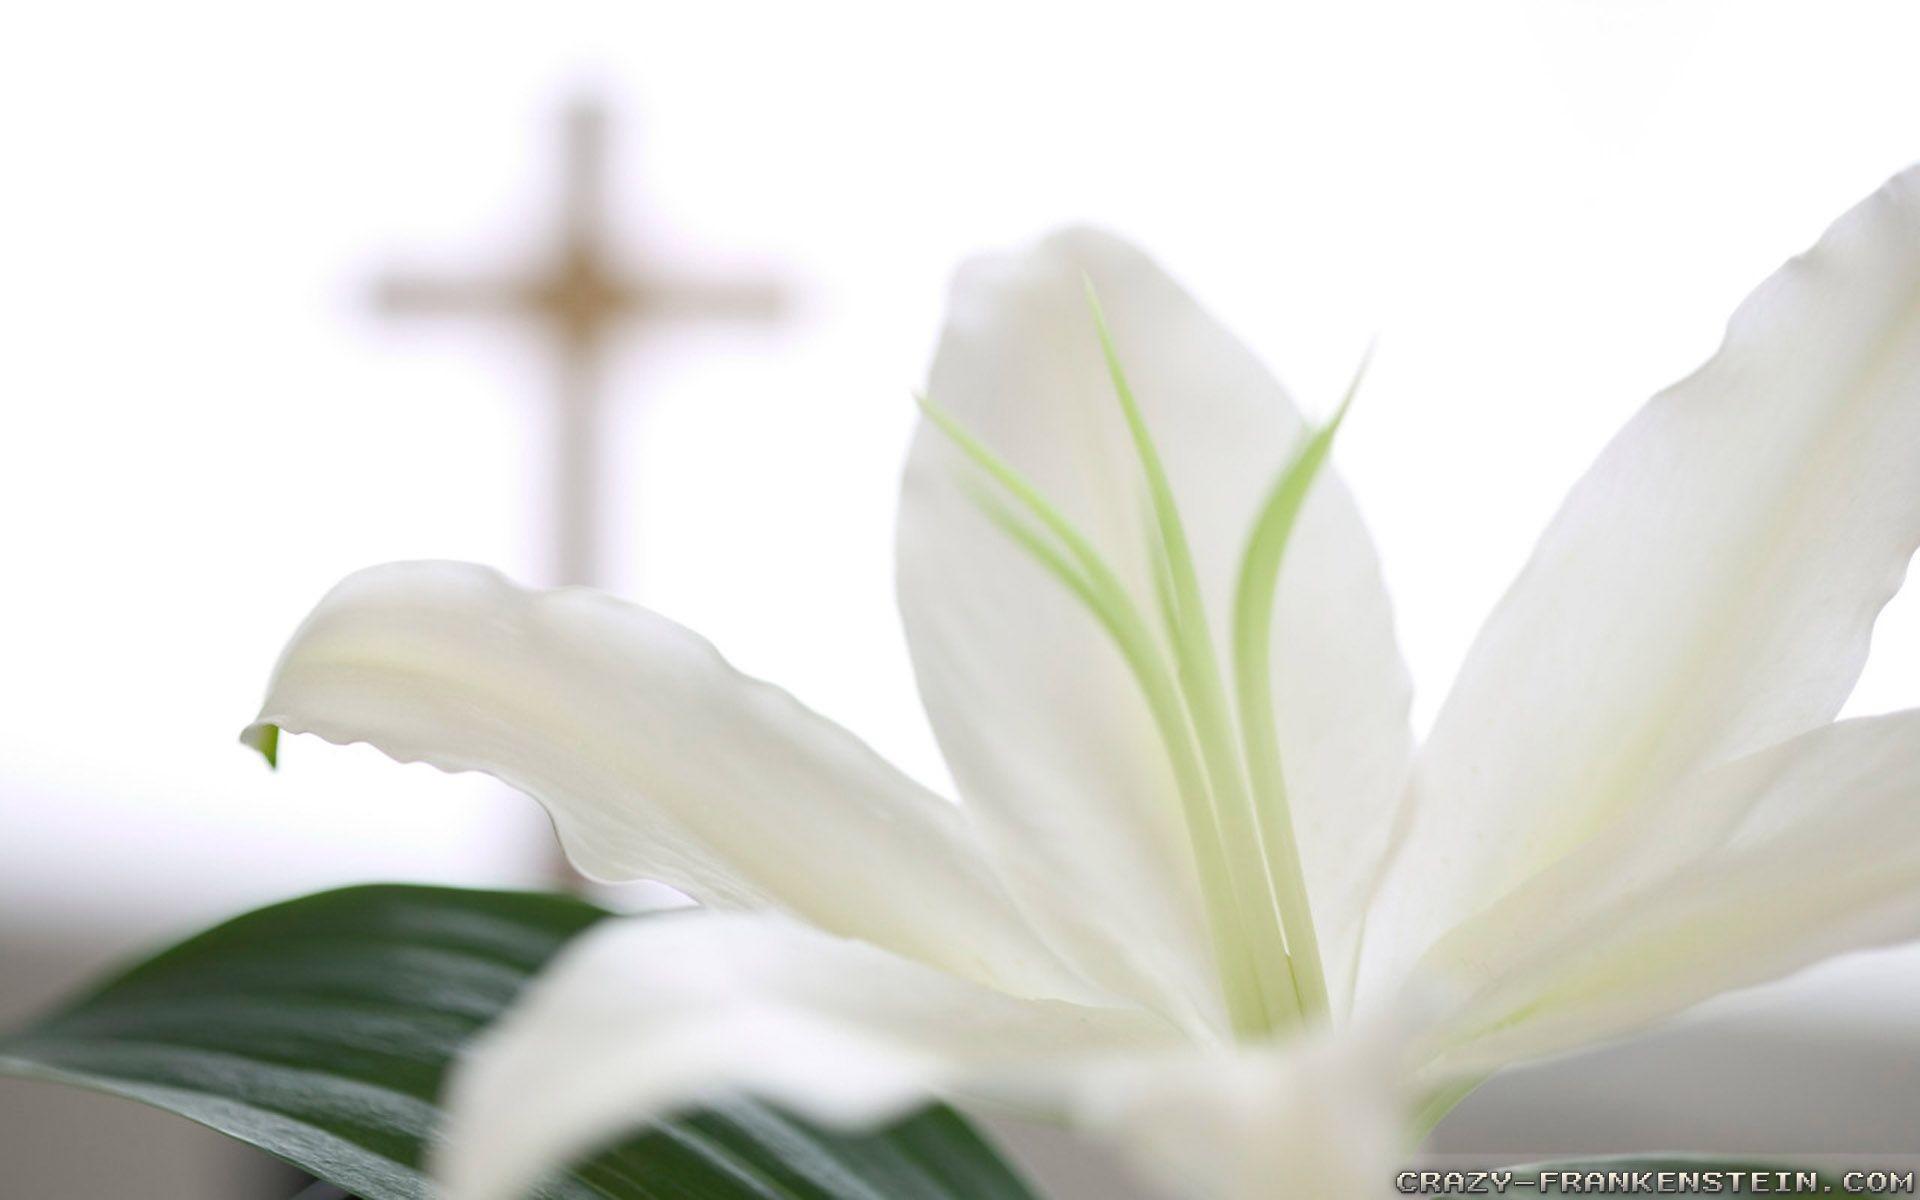 Christian Easter Wallpaper Desktop (04)